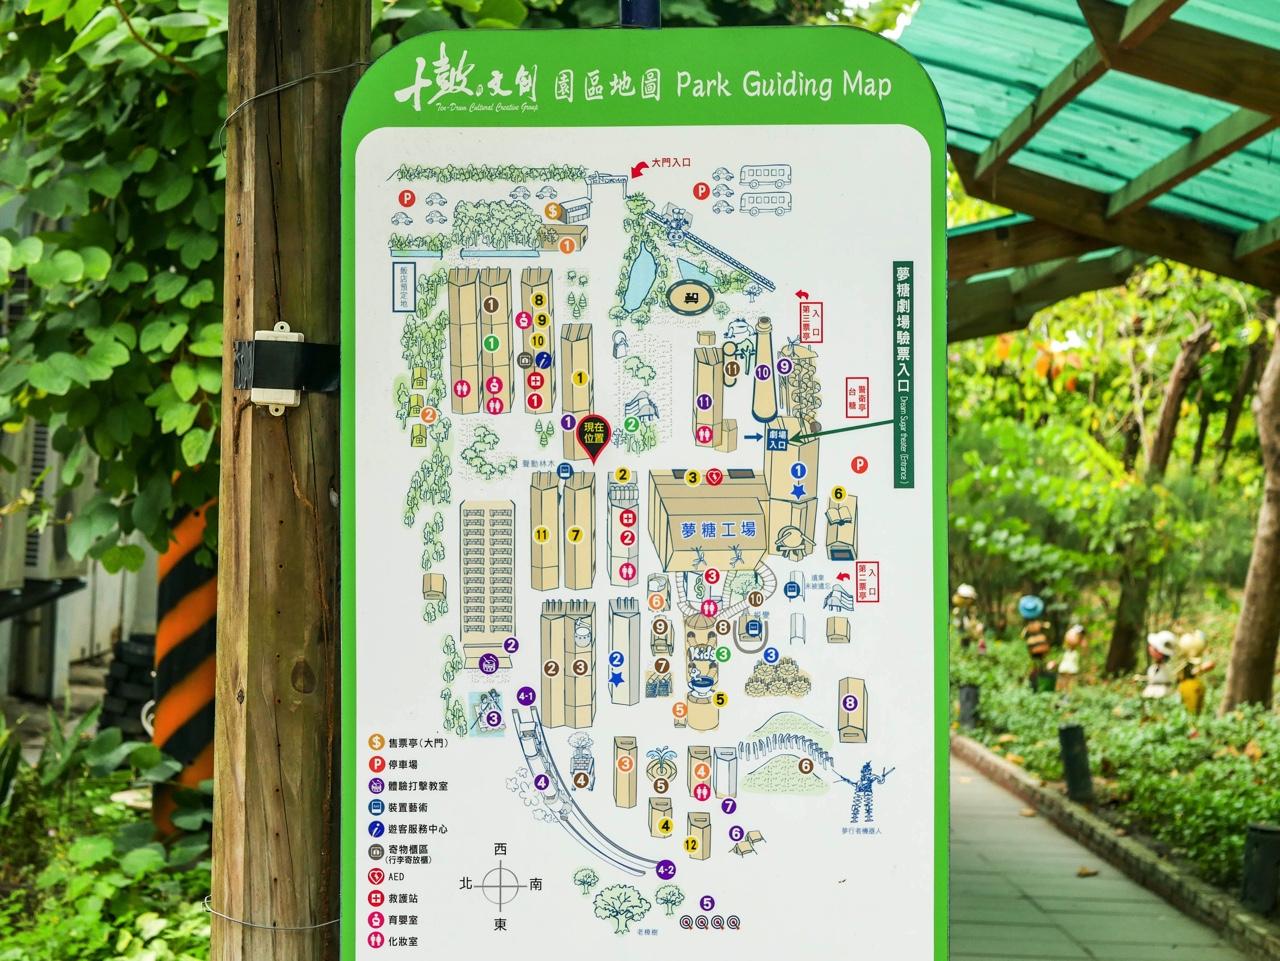 十鼓仁糖文創園區園内マップ